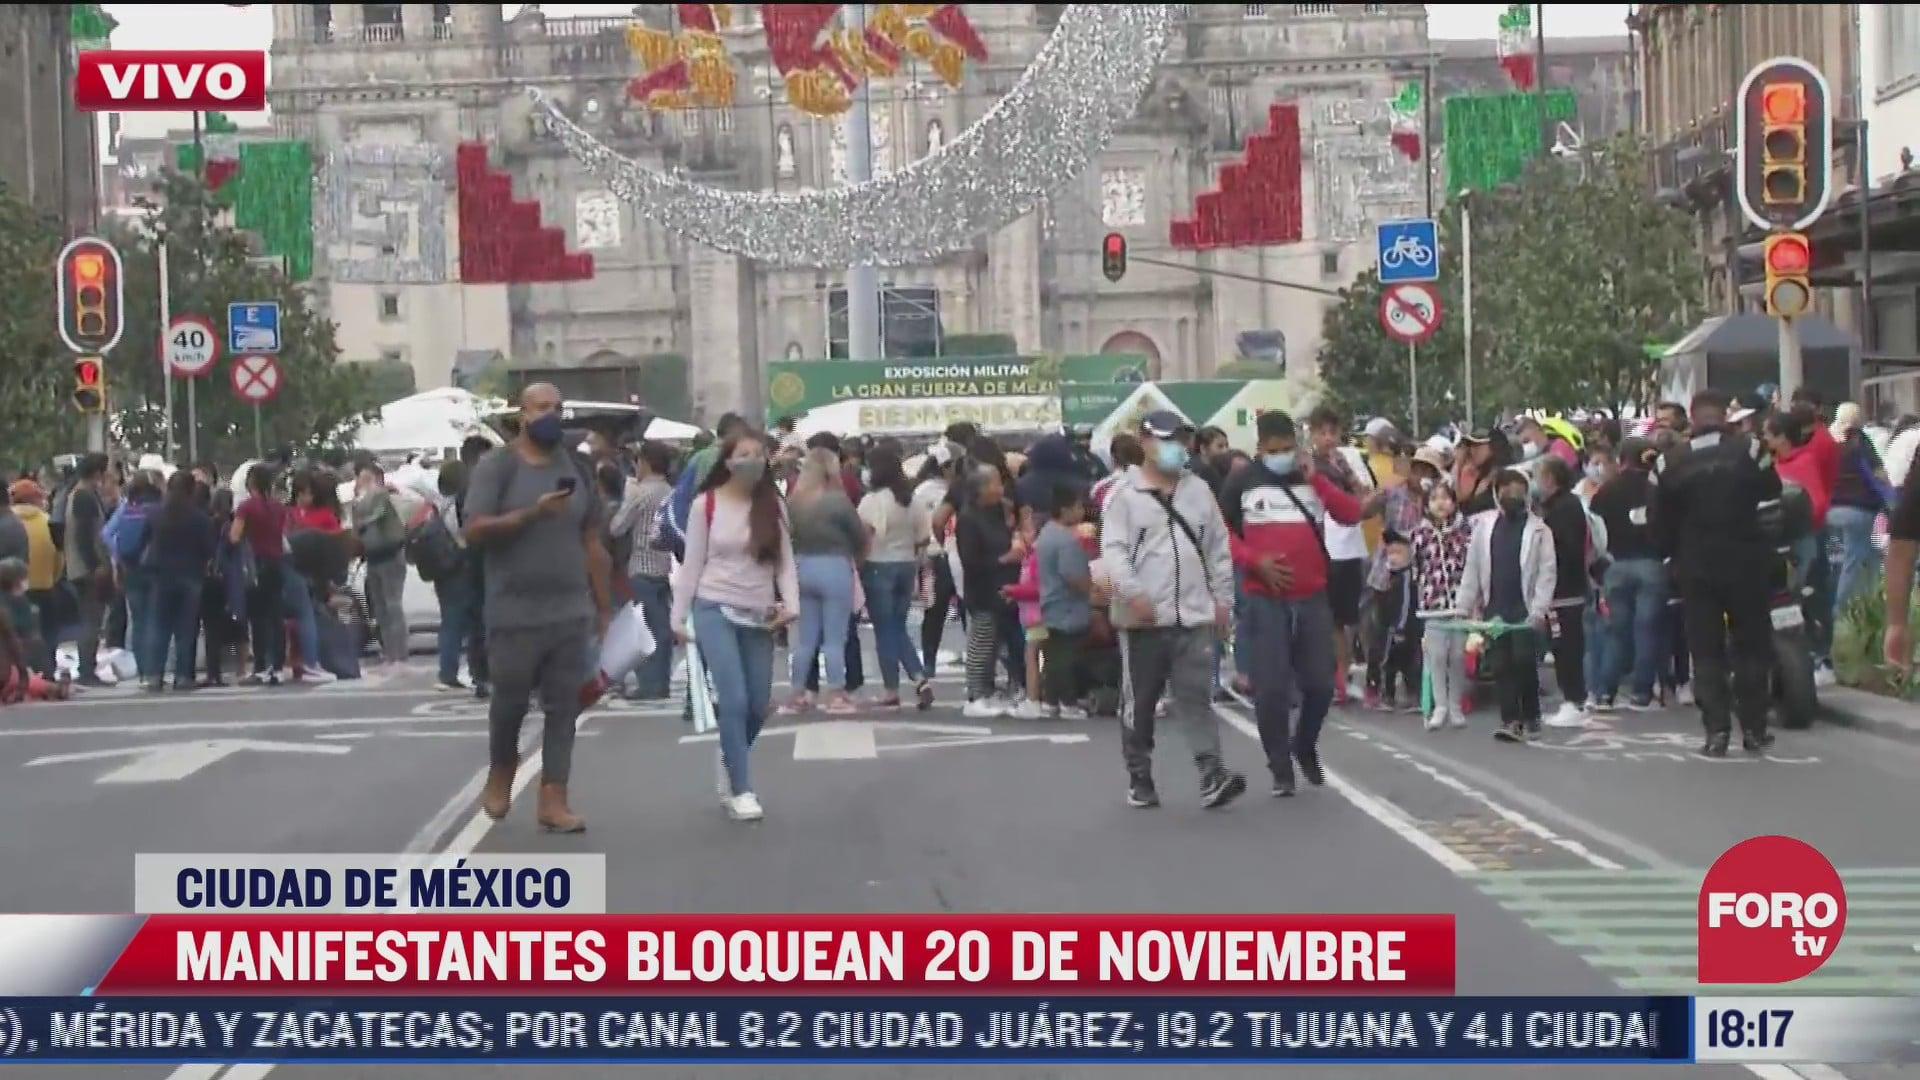 manifestantes bloquean 20 de noviembre en cdmx